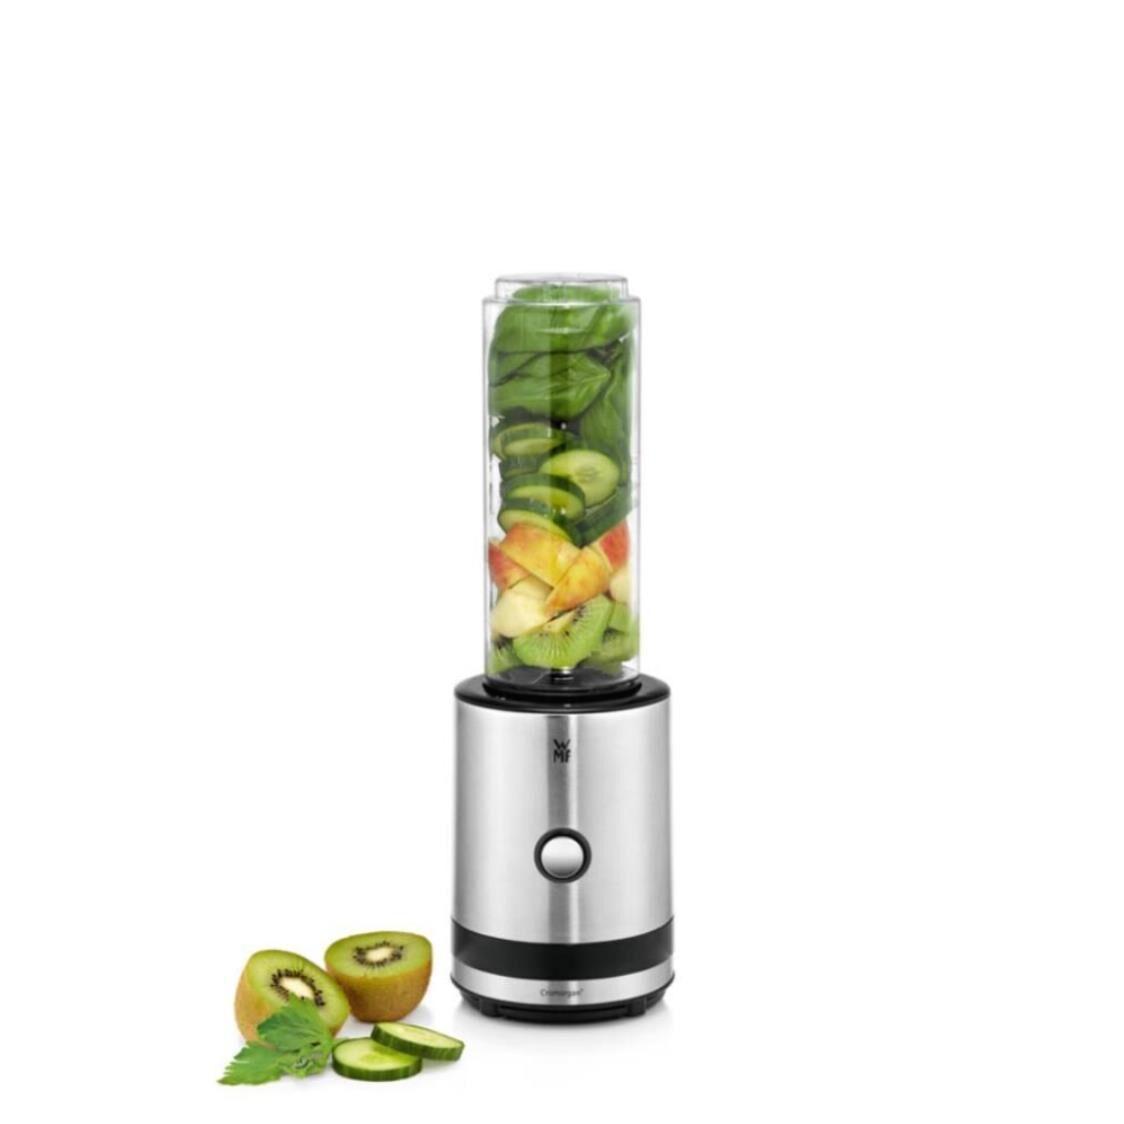 WMF Kitchenminis Smoothies To Go 0416508211